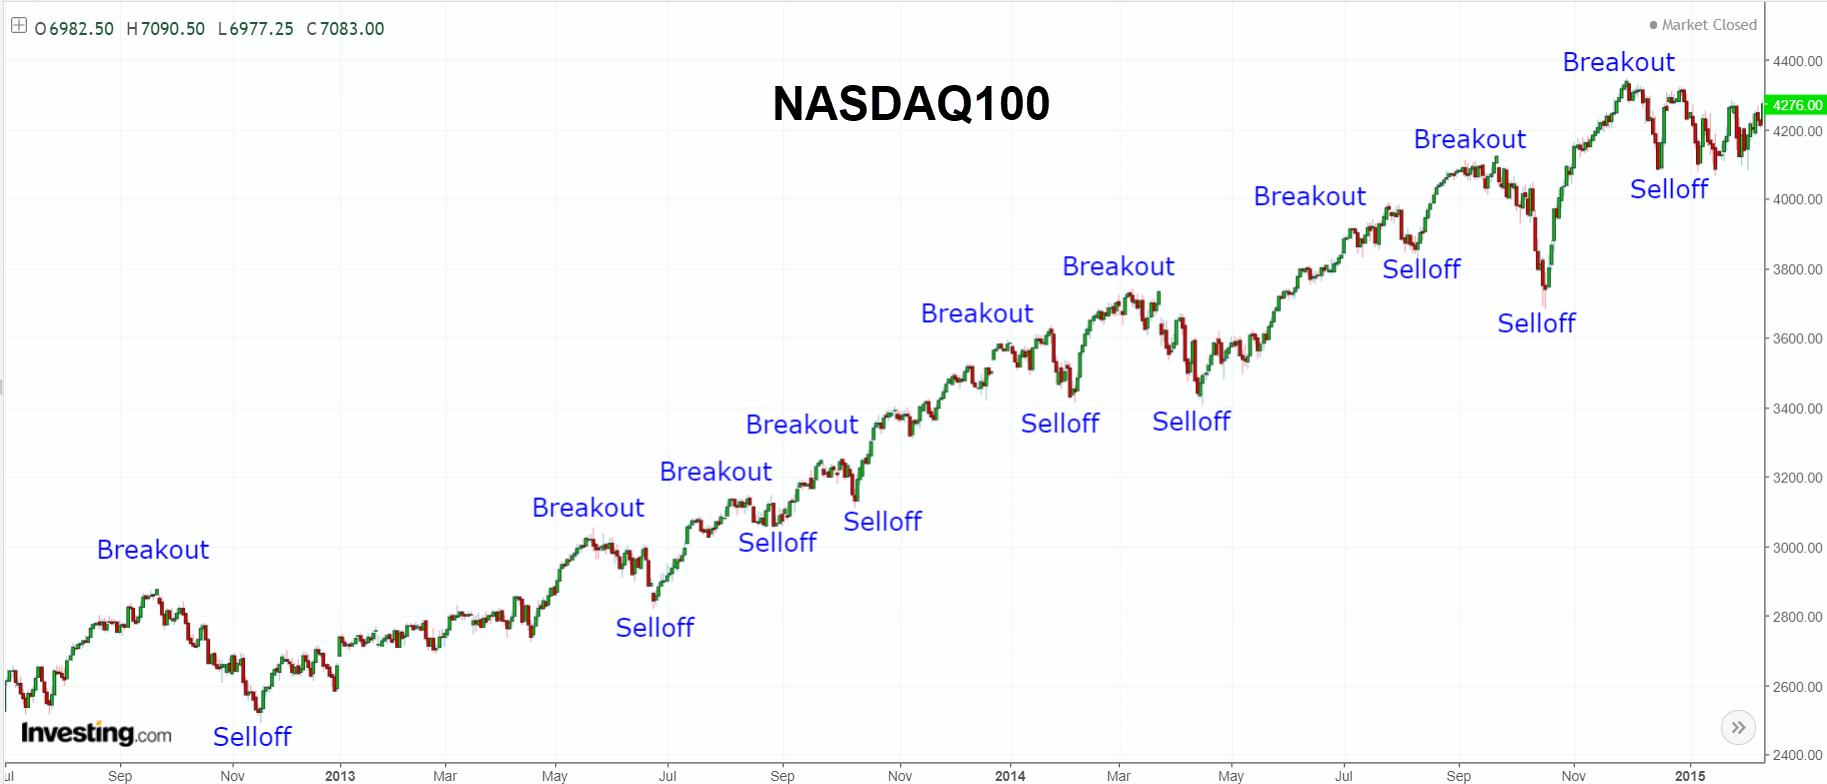 NASDAQ100 breakout selloff